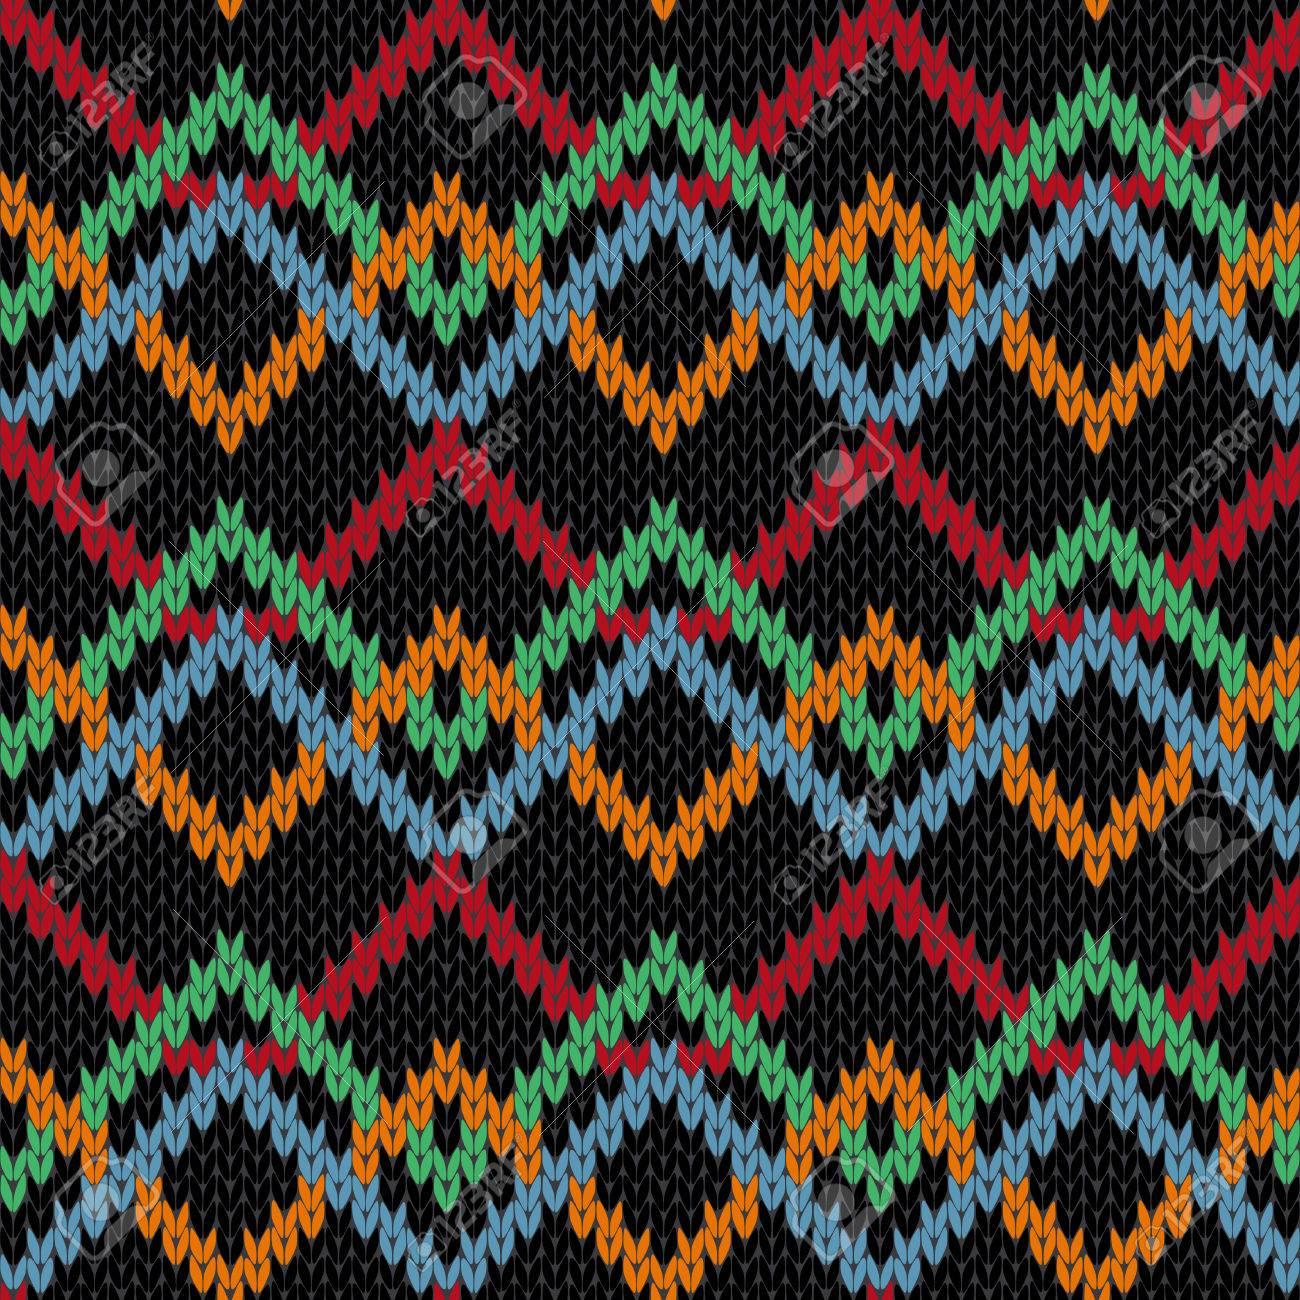 Tejer Sin Fisuras Vector Patrón Geométrico Multicolor Ornamental Con ...